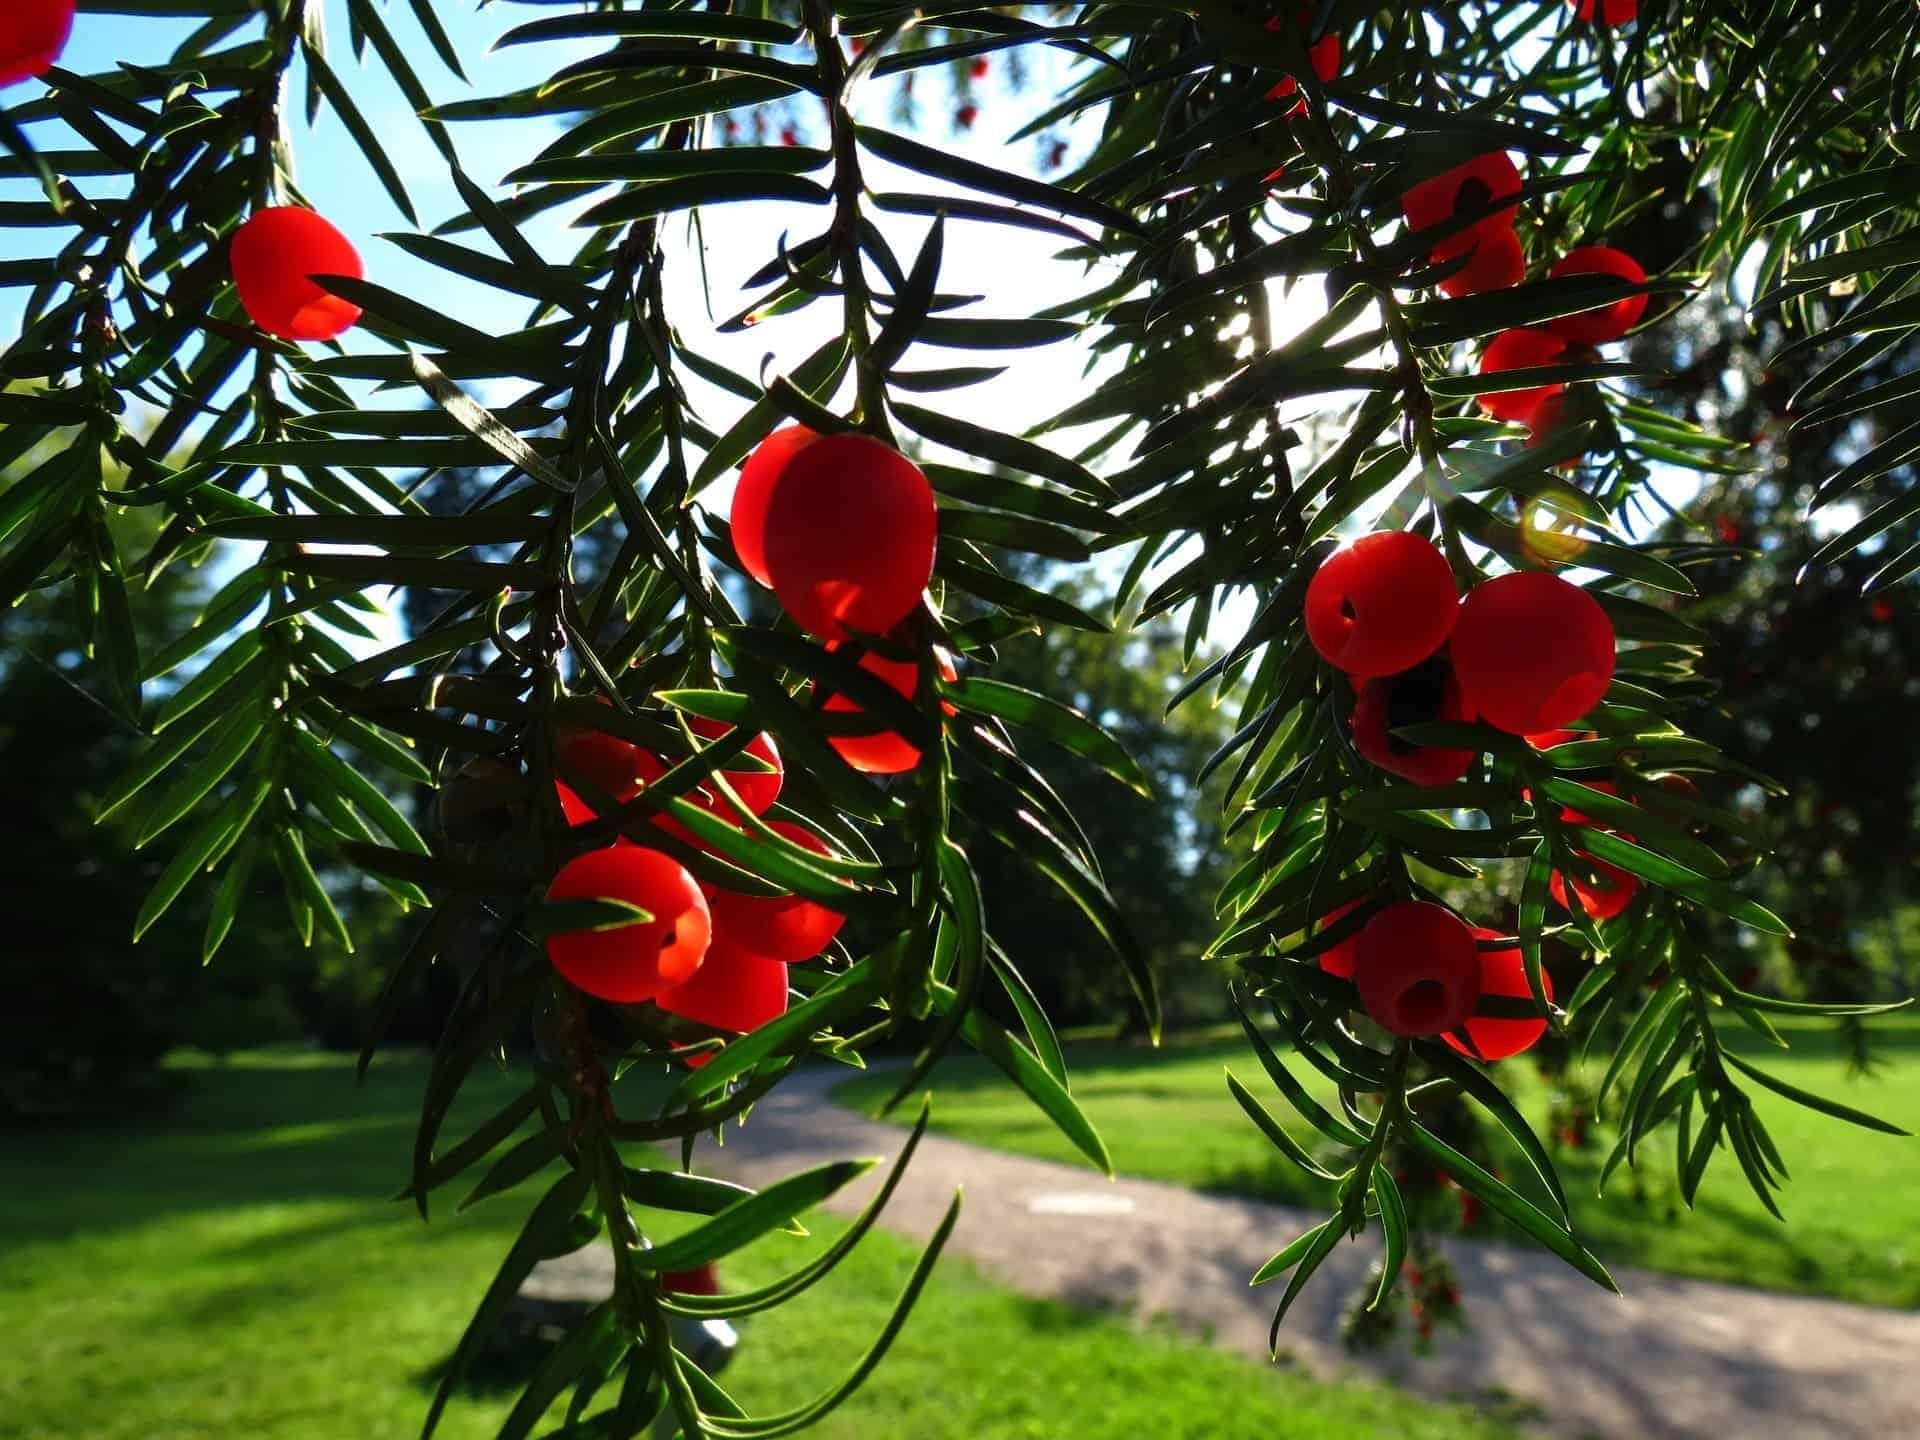 Für Hunde giftige Pflanzen - Eibe mit roten Beeren. /pixabay